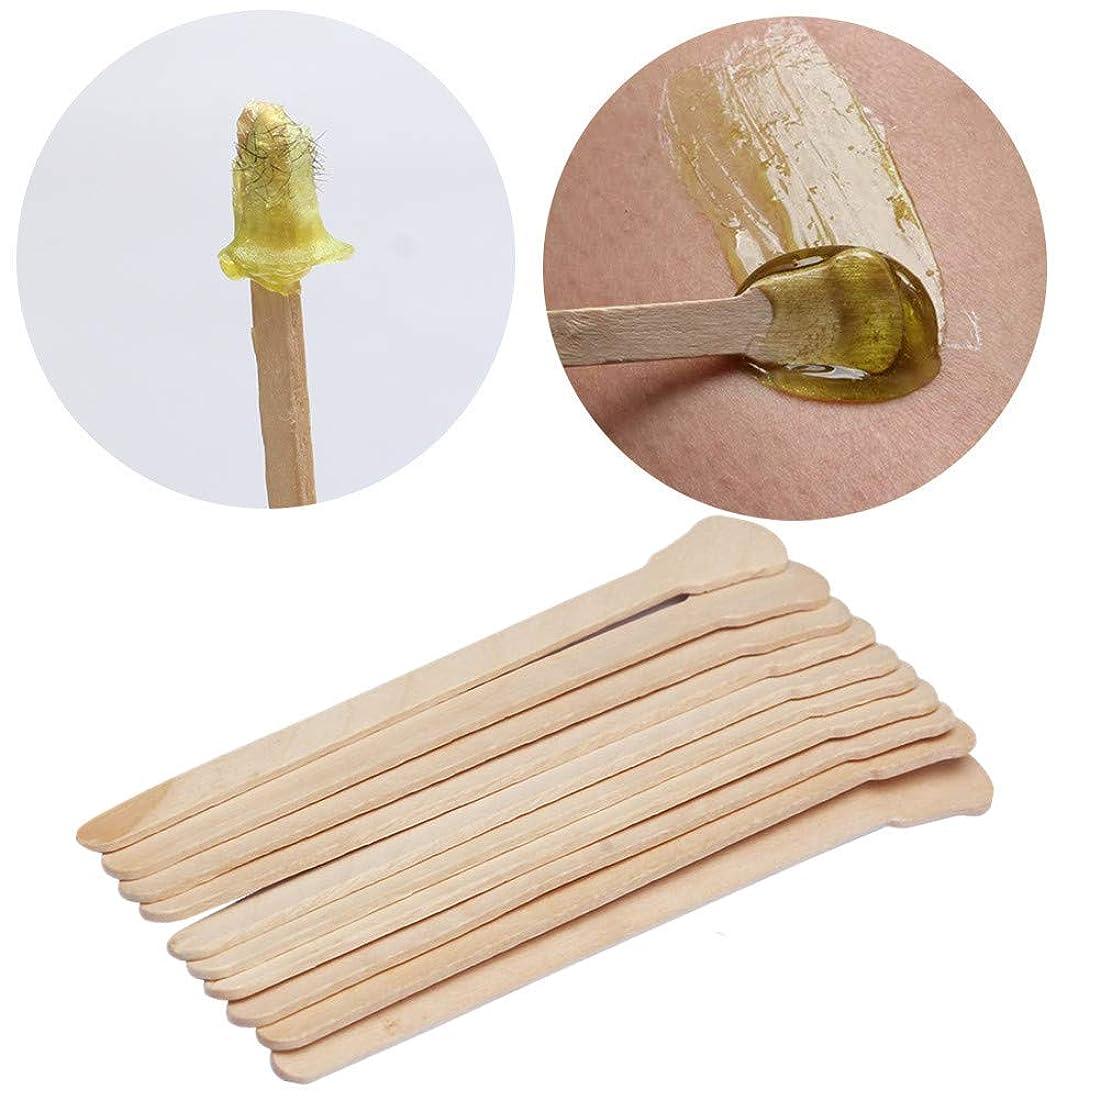 迷彩あたたかい非常にKingsie 使い捨て スパチュラ 木製 50本セット 脱毛ワックス用 12.5cm アイススティック棒 化粧品 フェイスマスク、クリームなどをすくい取る際に ワックス脱毛